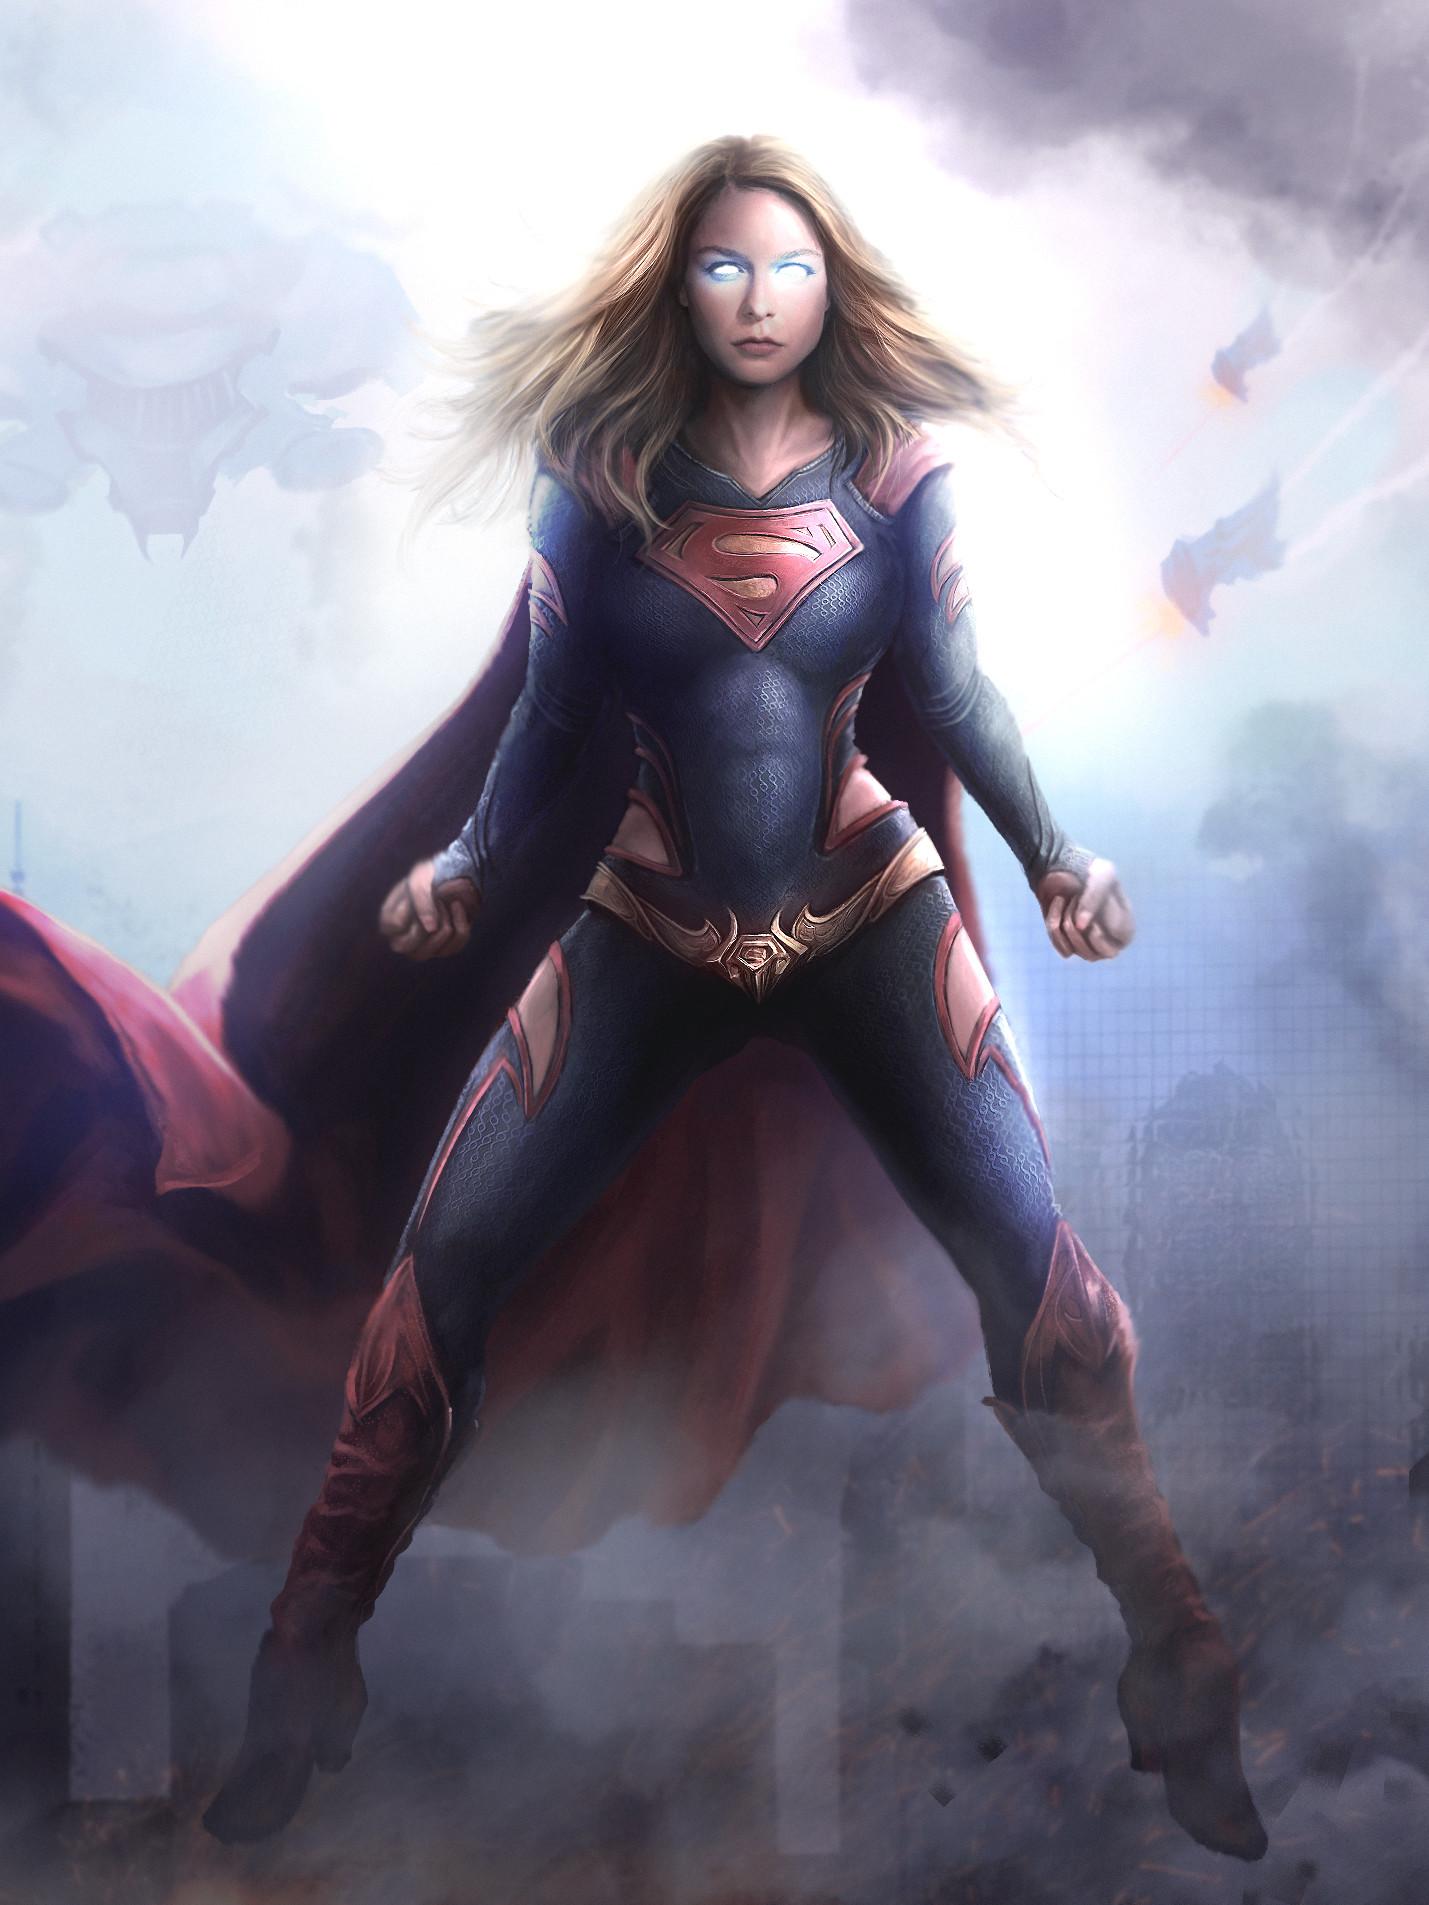 L'abîme de la Zone 51 [Supergirl] 190307060049760112